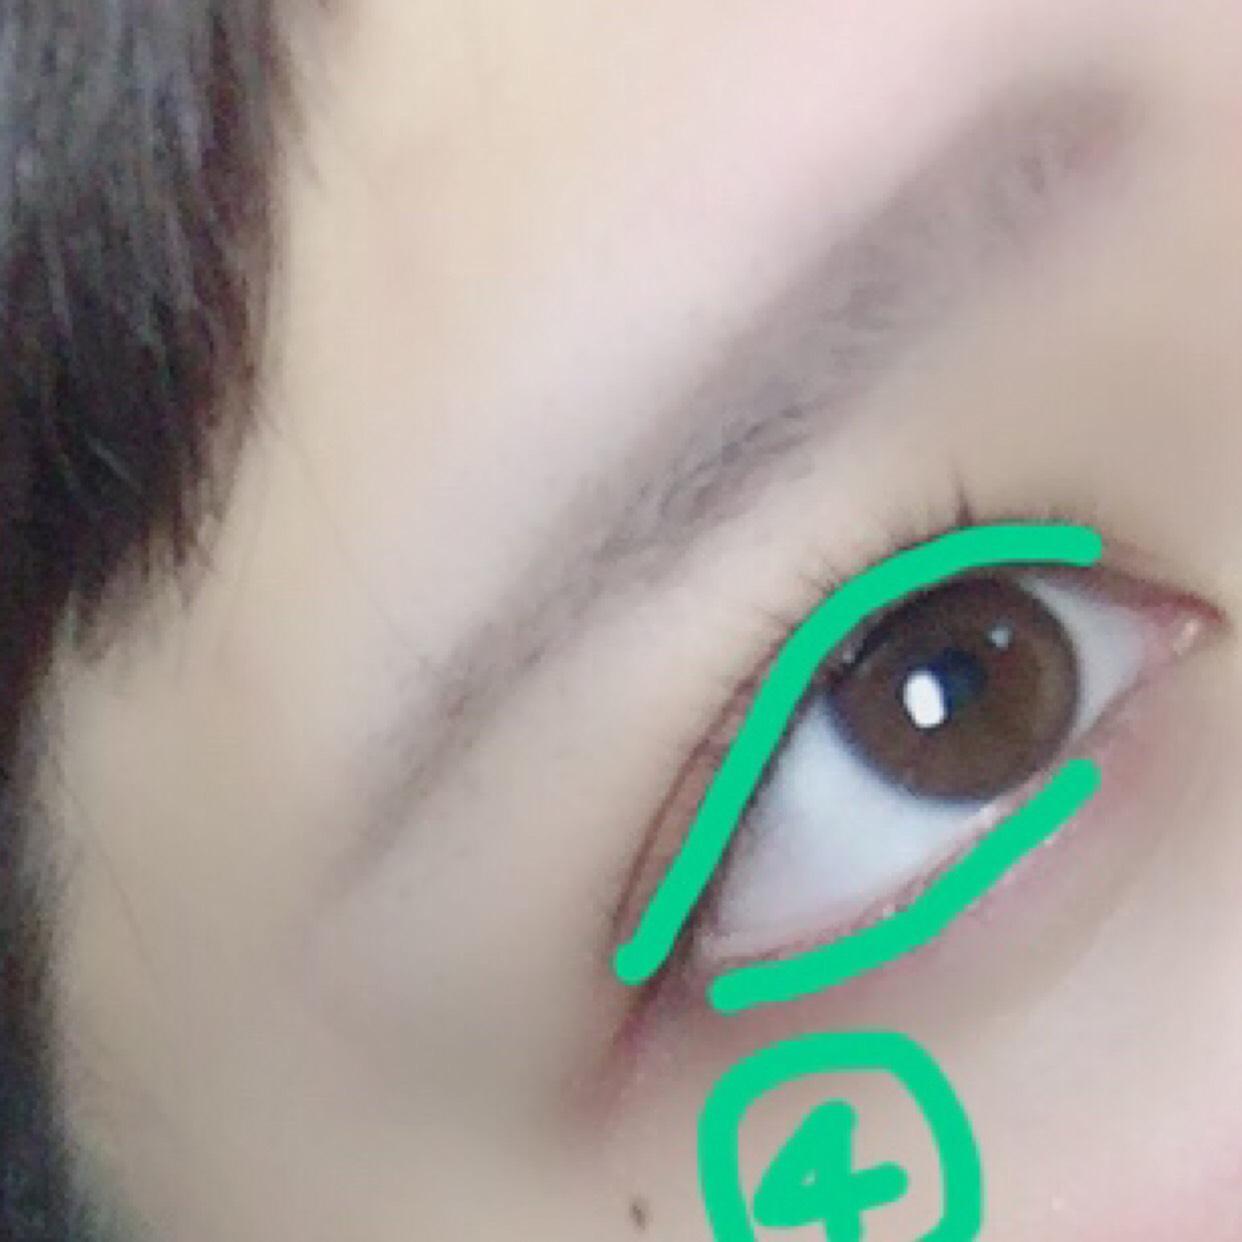 アイラインを引くような感じで④のボルドー色のアイシャドウを目の上と下に塗ってください!どちらも細い方のアイシャドウチップで塗ってから太い方でぼかしてくださいね!